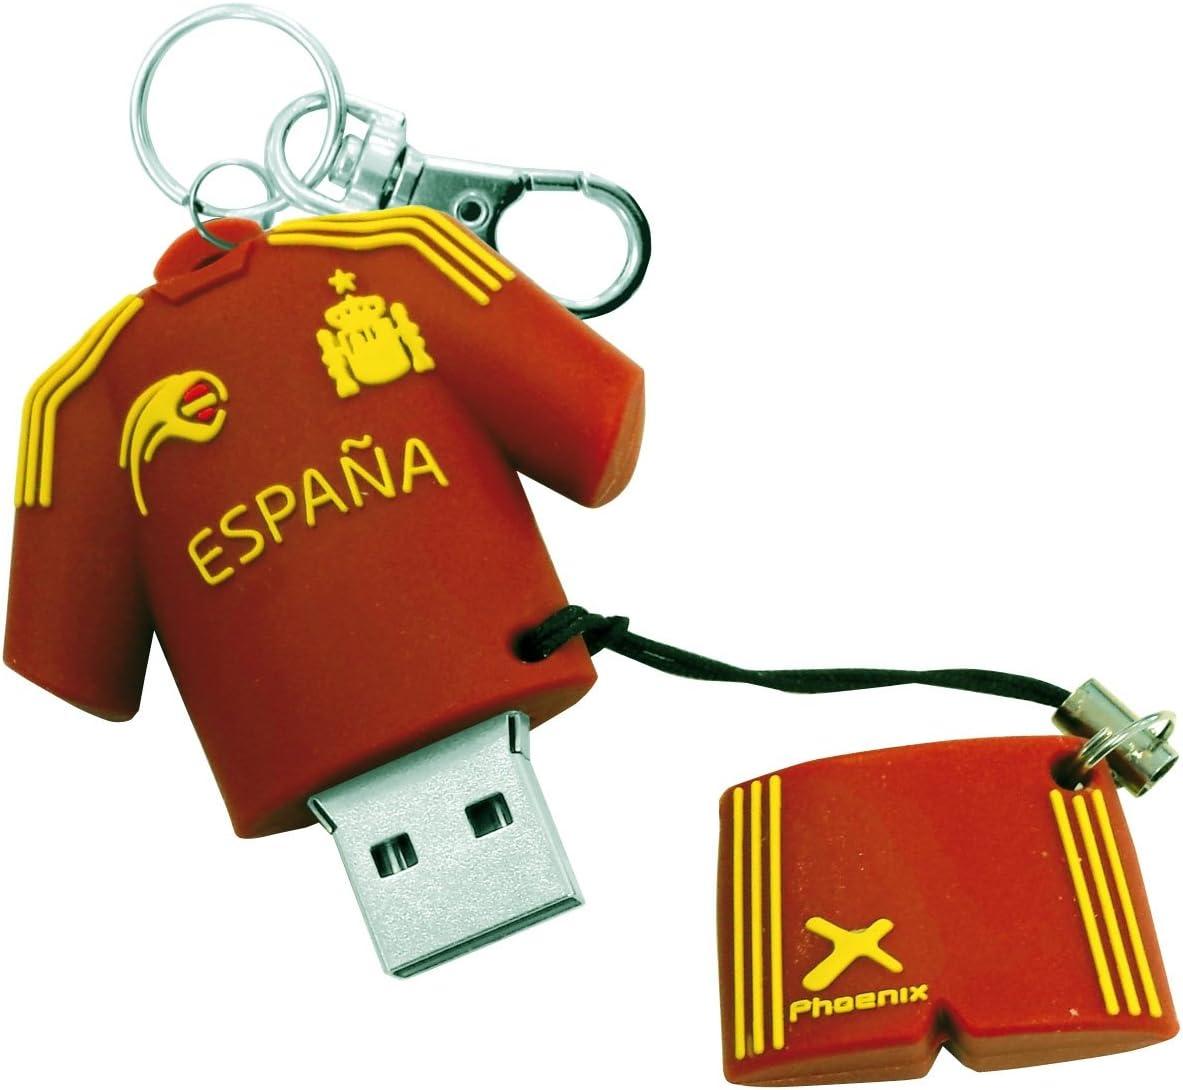 Phoenix Technologies - Memoria USB Pendrive Jetflash 16GB Muñeco llavero selección española: Amazon.es: Informática